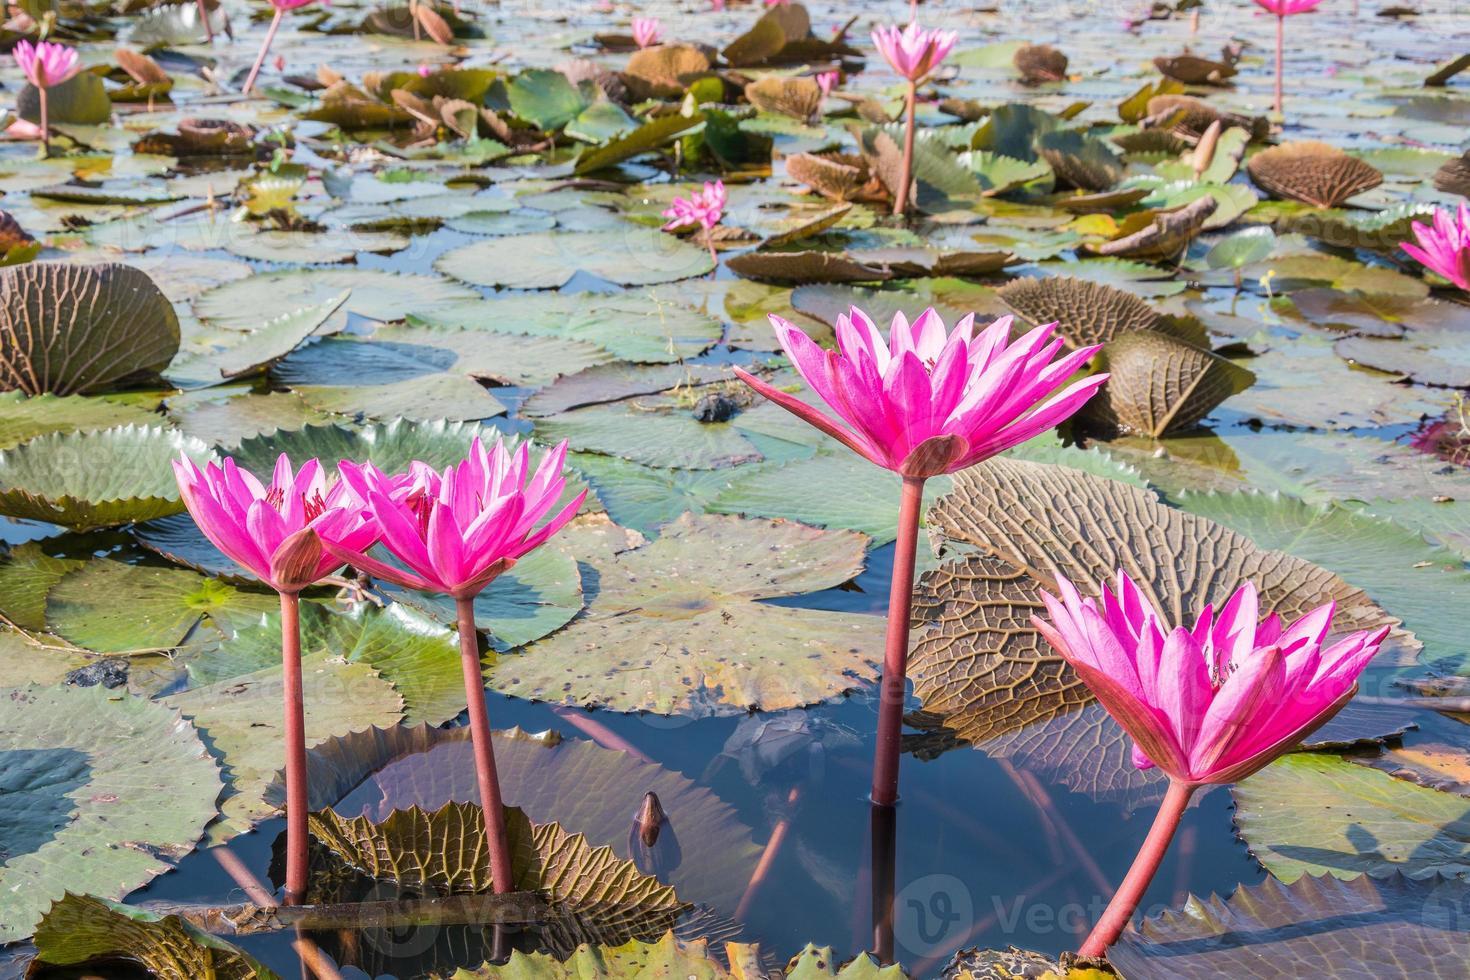 la hermosa flor de loto en el lago foto